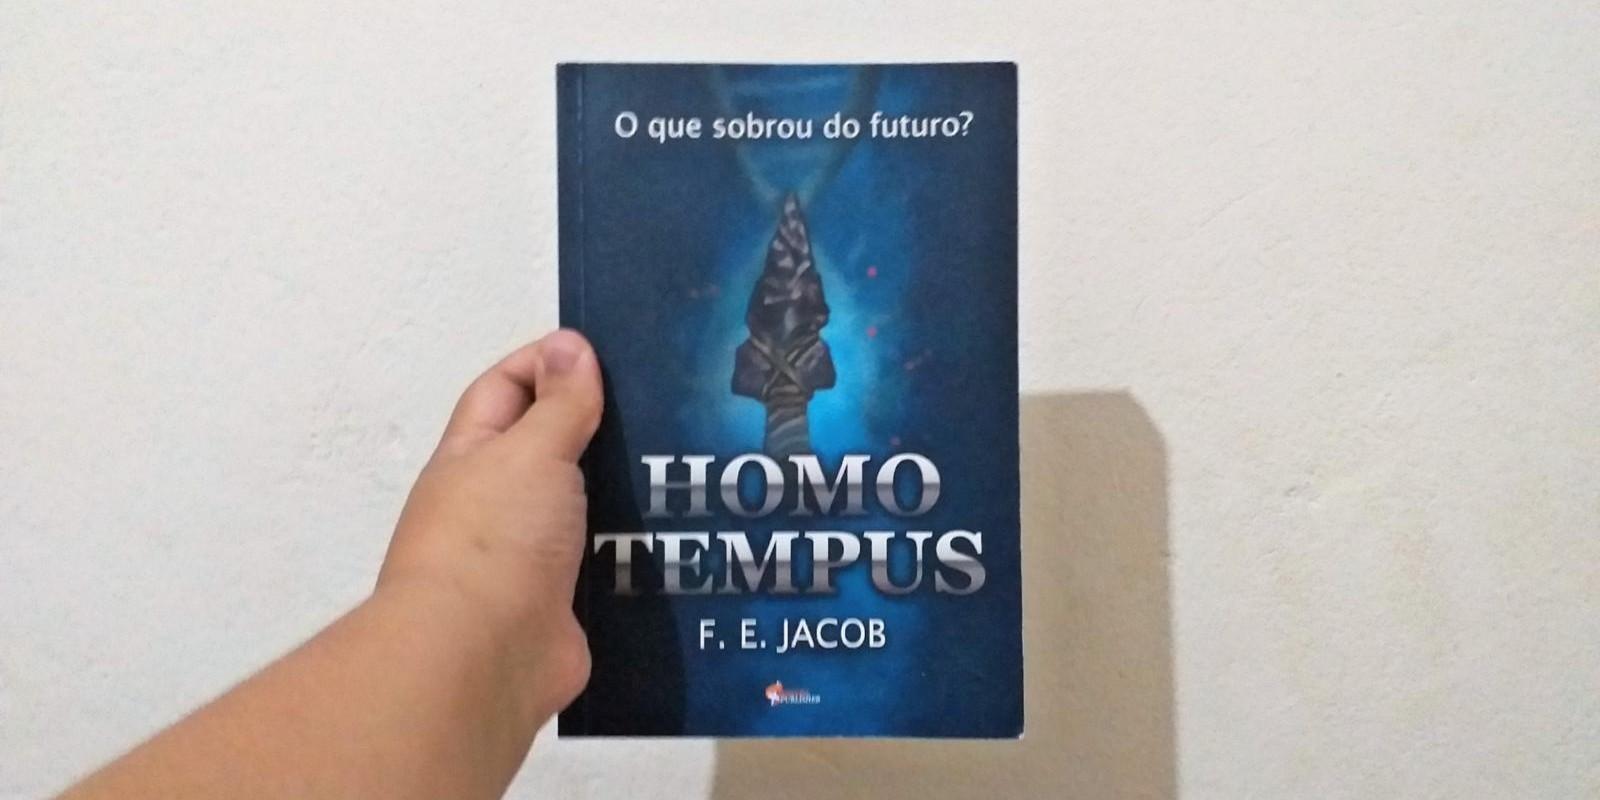 [ Homo Tempus - F. E. Jacob]